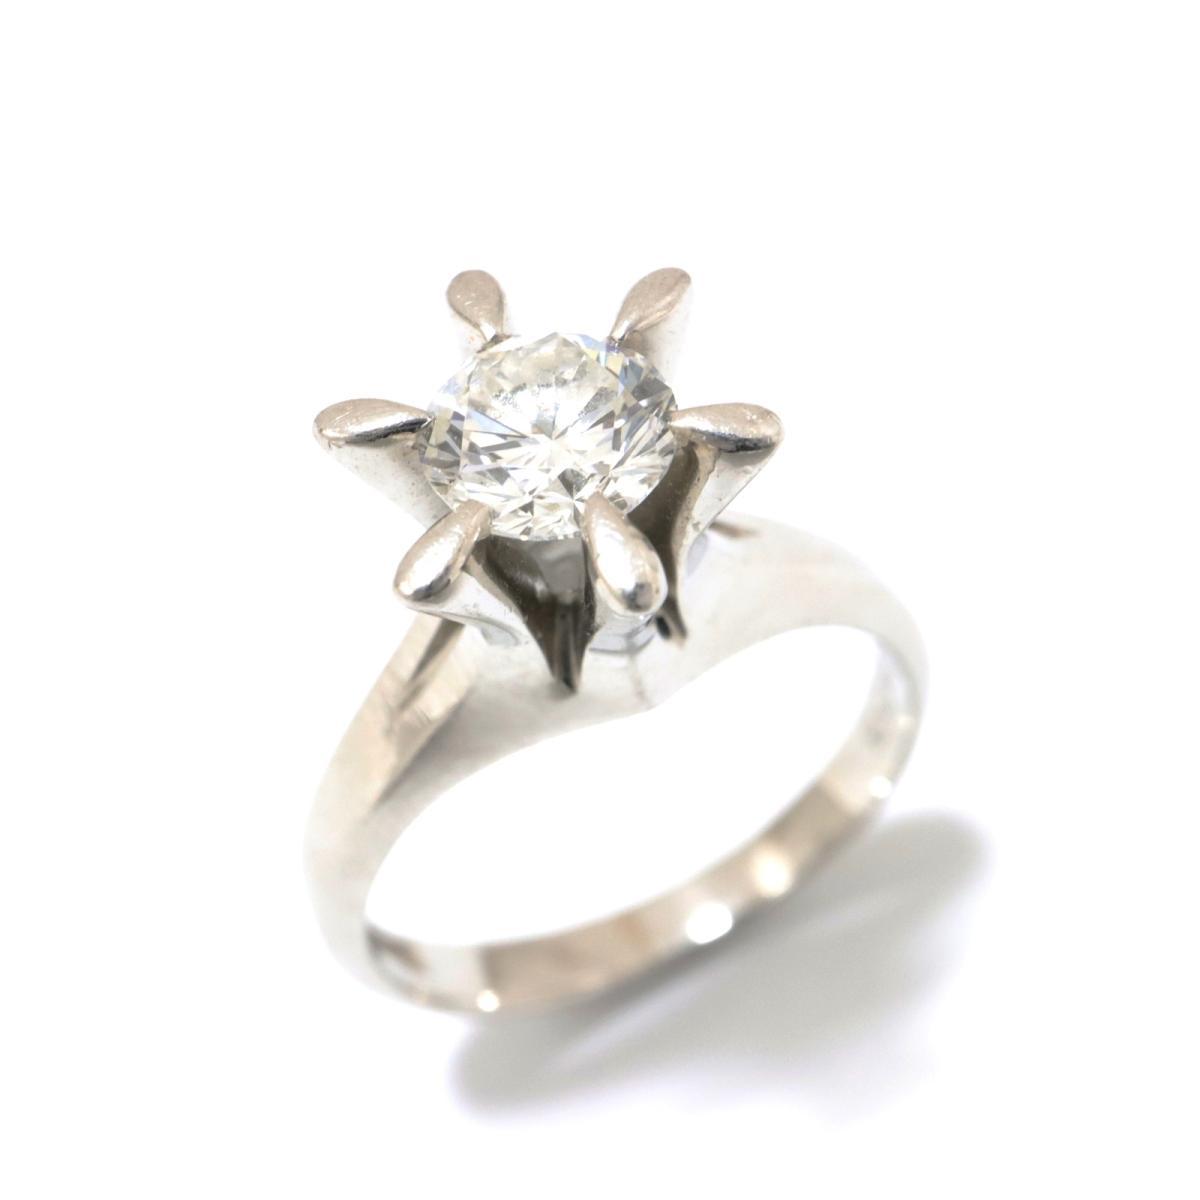 【中古】 ジュエリー ダイヤモンド リング 指輪 レディース PT900 プラチナ x クリアー シルバー | JEWELRY BRANDOFF ブランドオフ ブランド アクセサリー